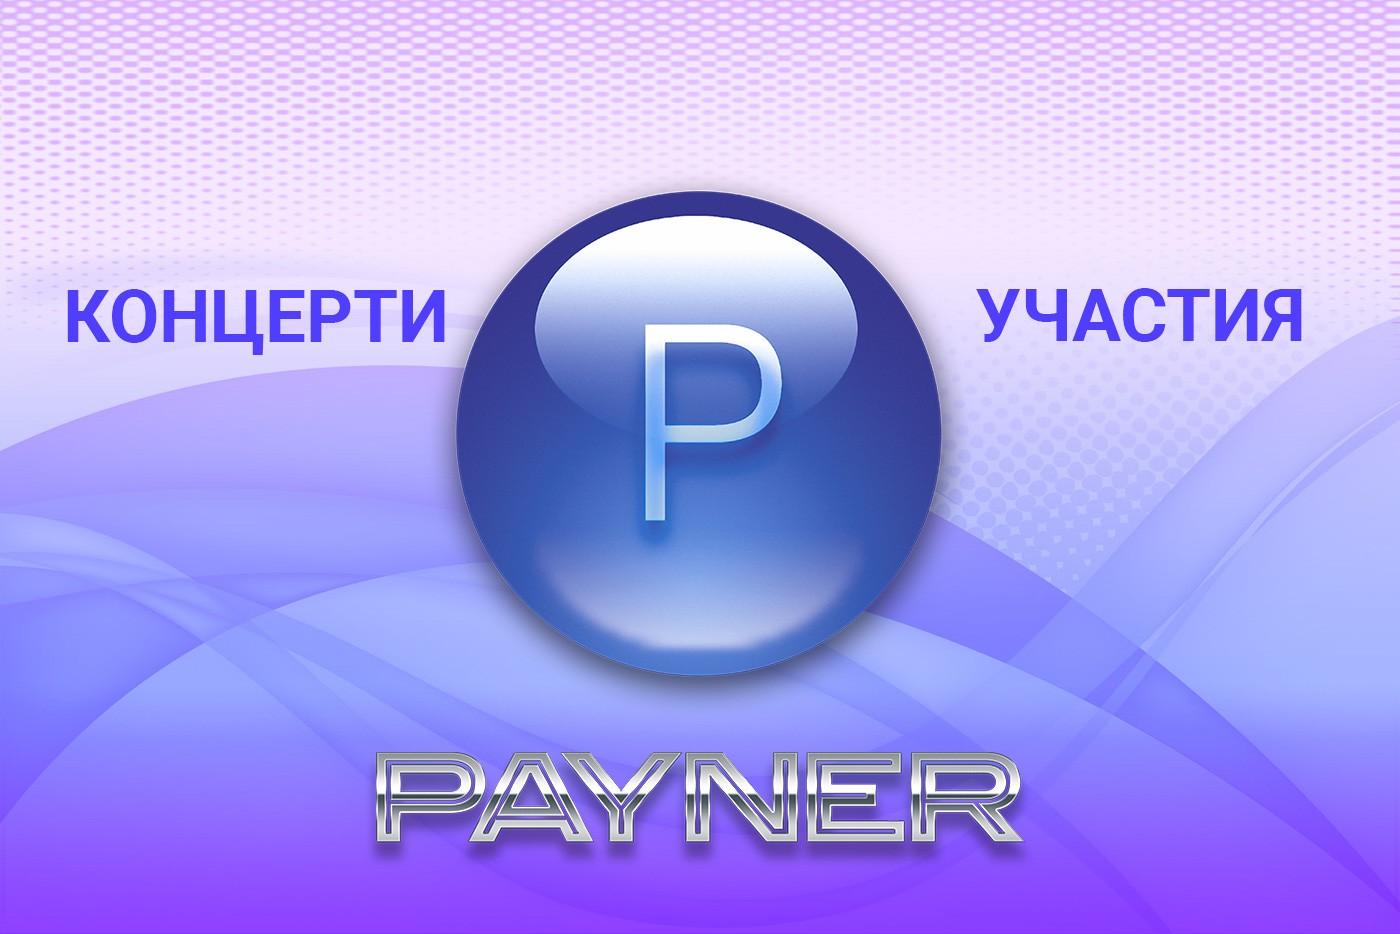 """Участия на звездите на """"Пайнер"""" на 17.04.2019"""